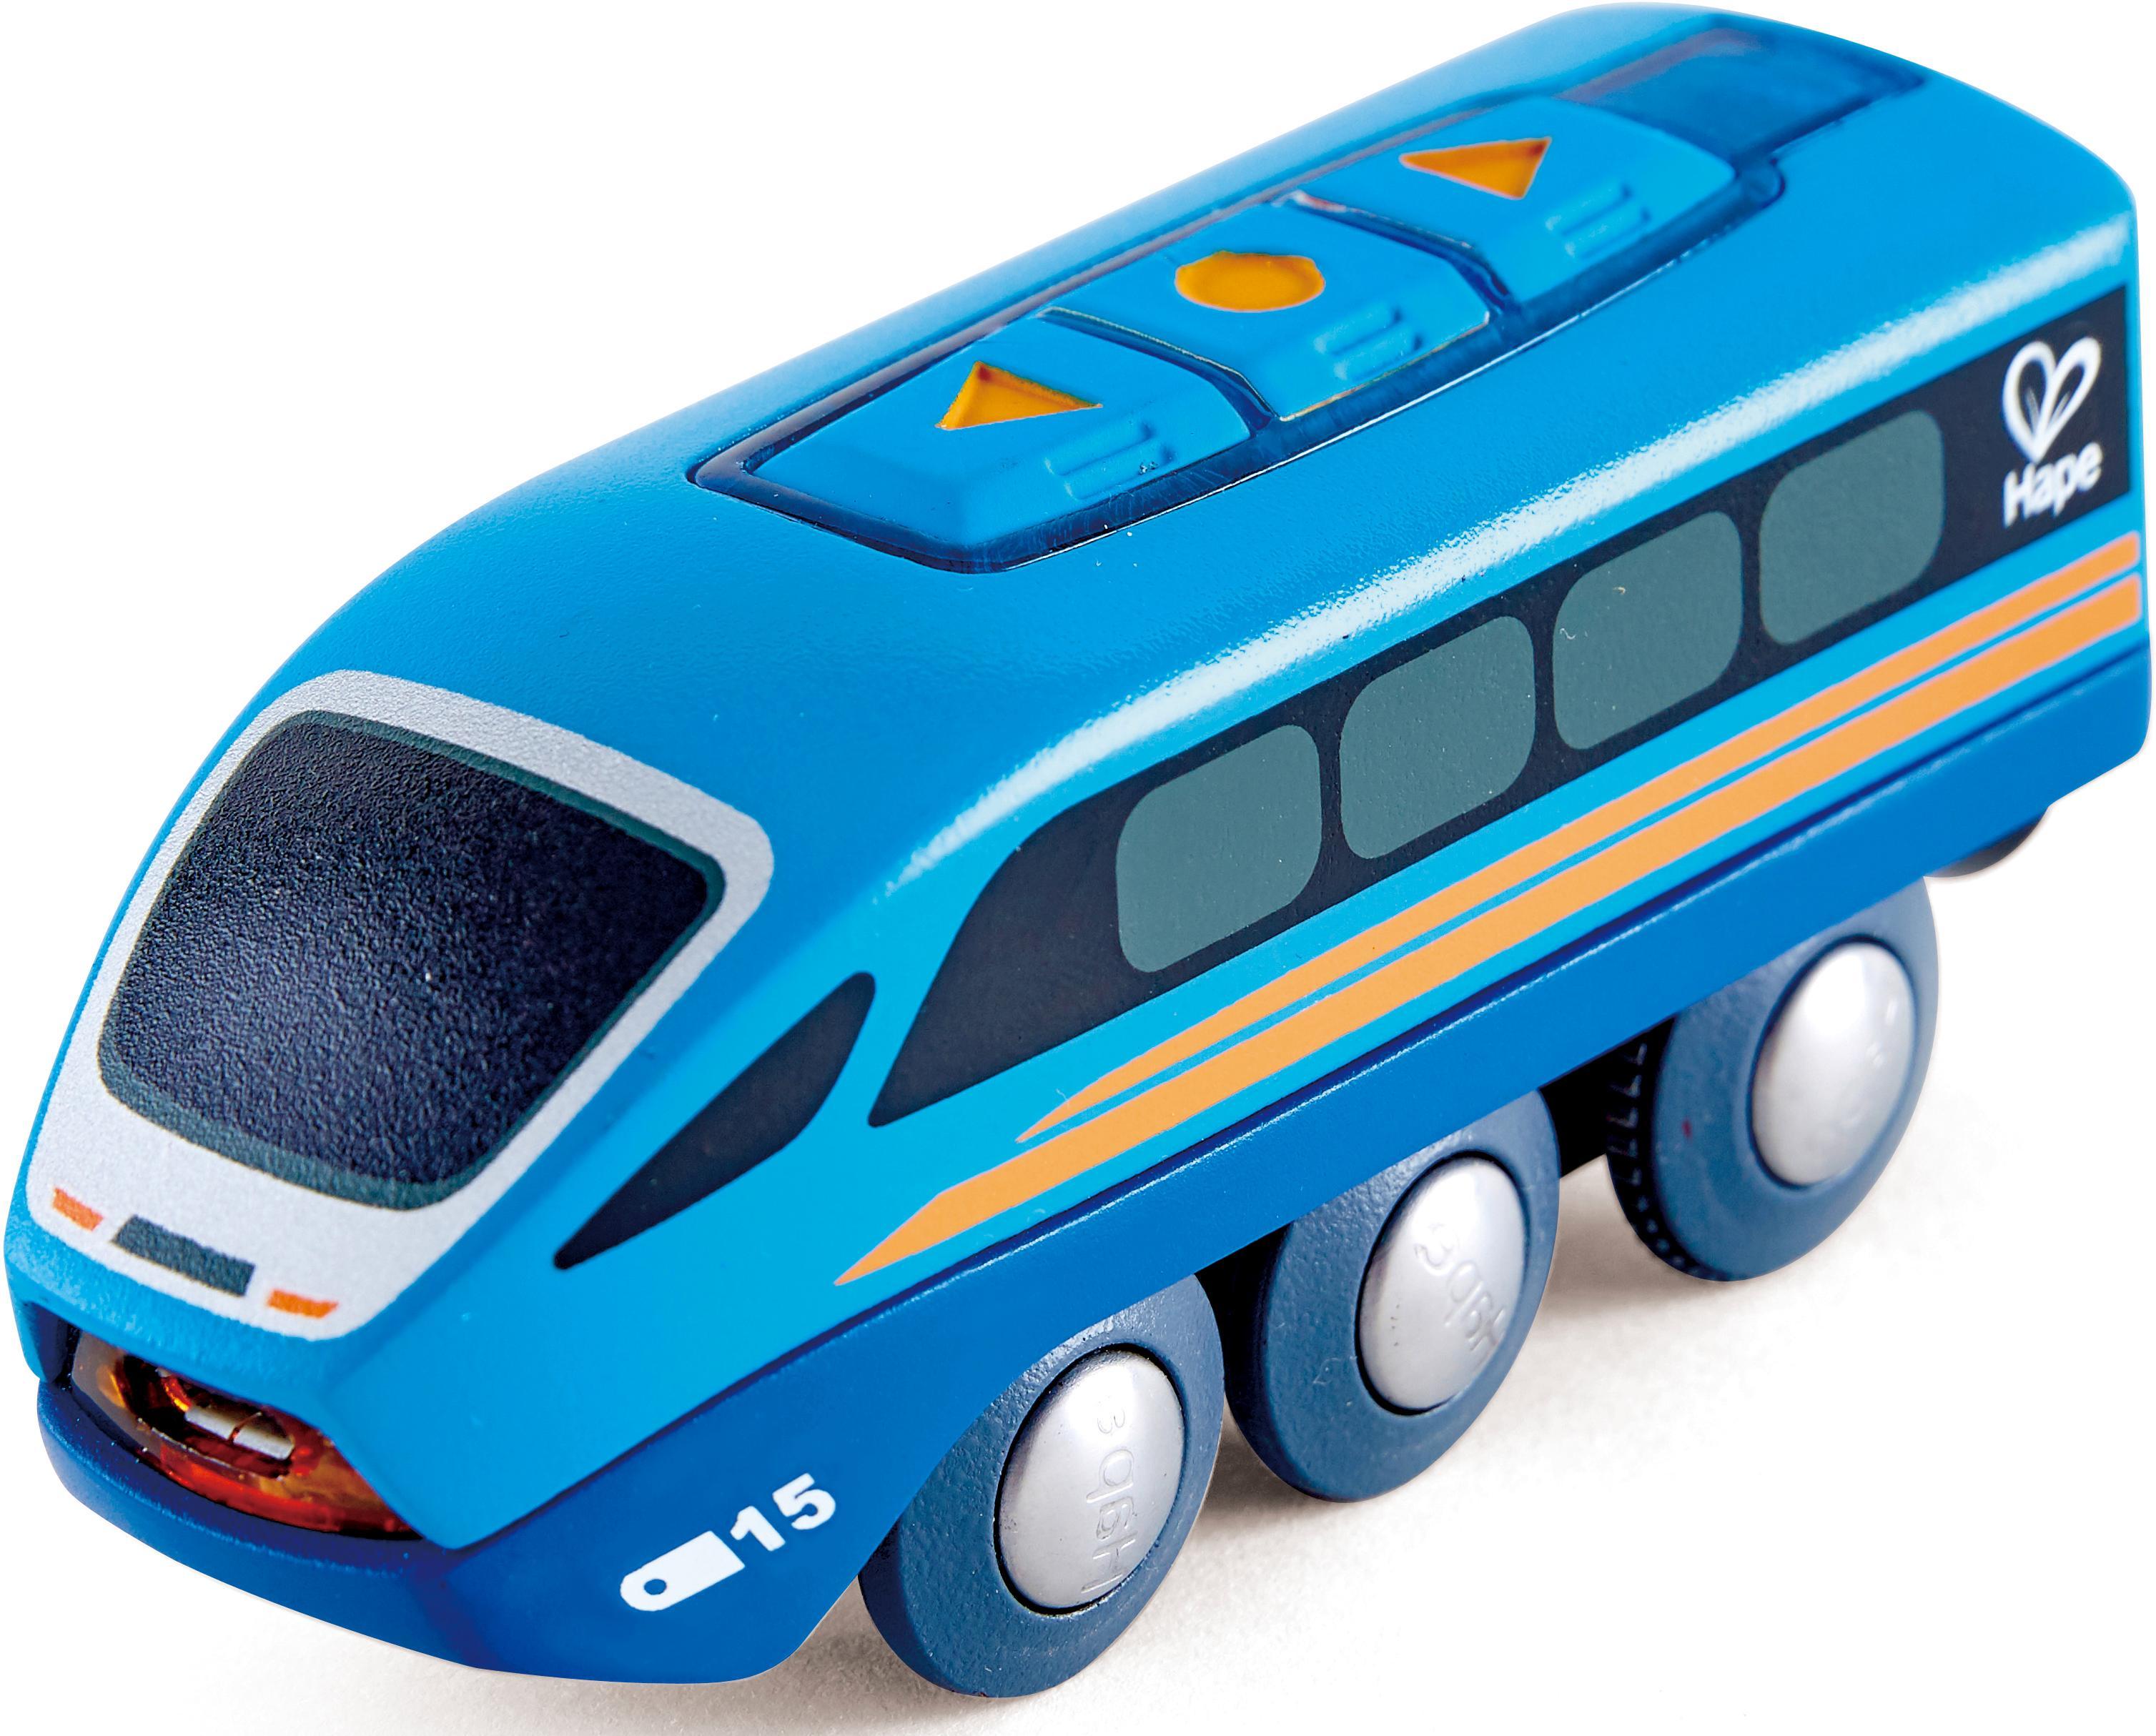 Hape Spielzeug-Eisenbahn Ferngesteuerter Zug, mit Soundeffekt blau Kinder Ab 3-5 Jahren Altersempfehlung Spielzeugfahrzeuge